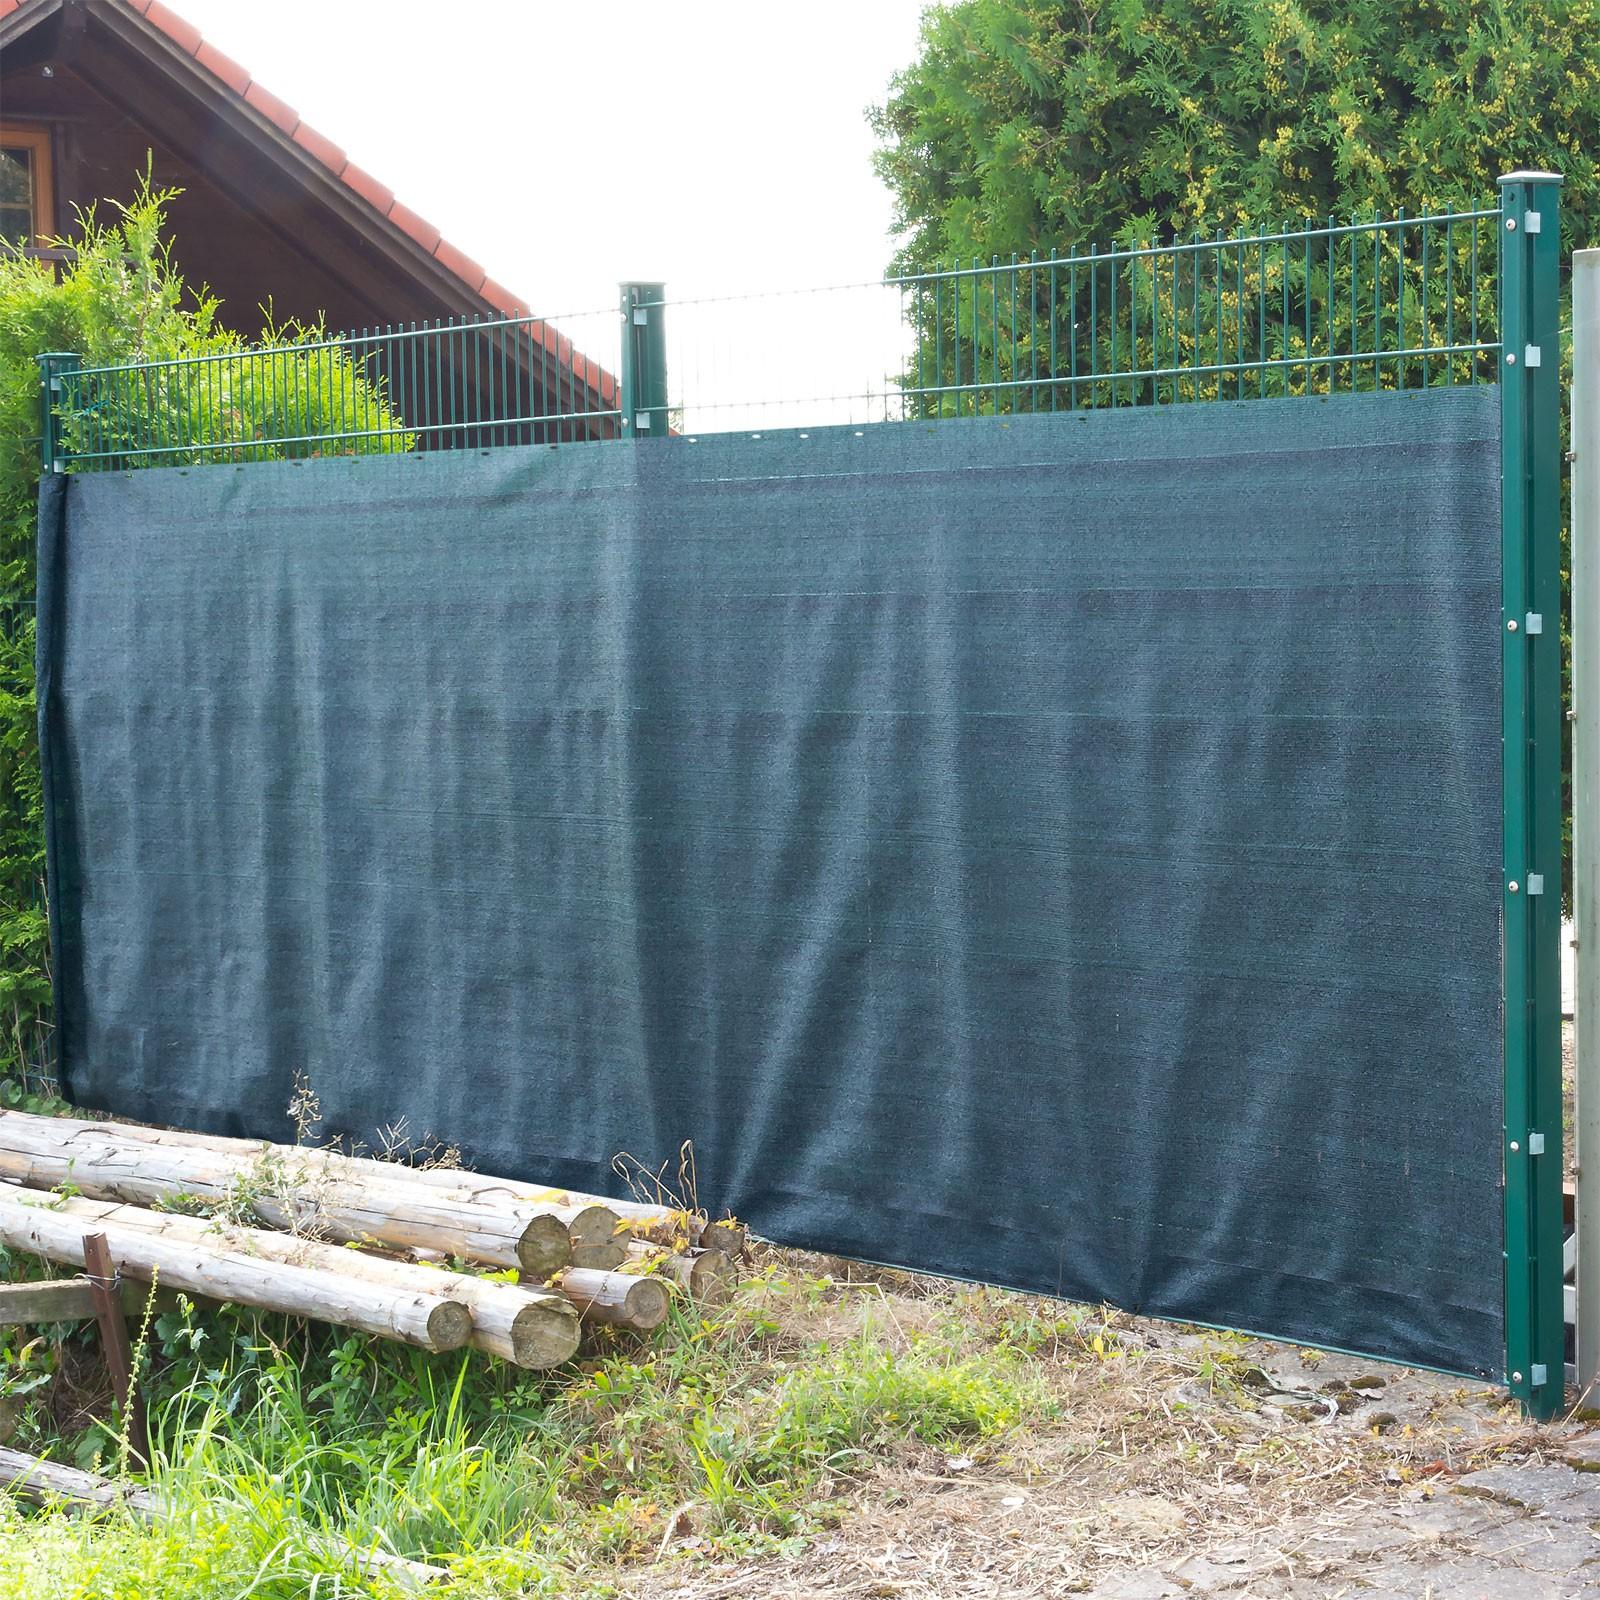 sichtschutz matte schutzzaun 25 x 1 2 m schutznetz gr n ebay. Black Bedroom Furniture Sets. Home Design Ideas